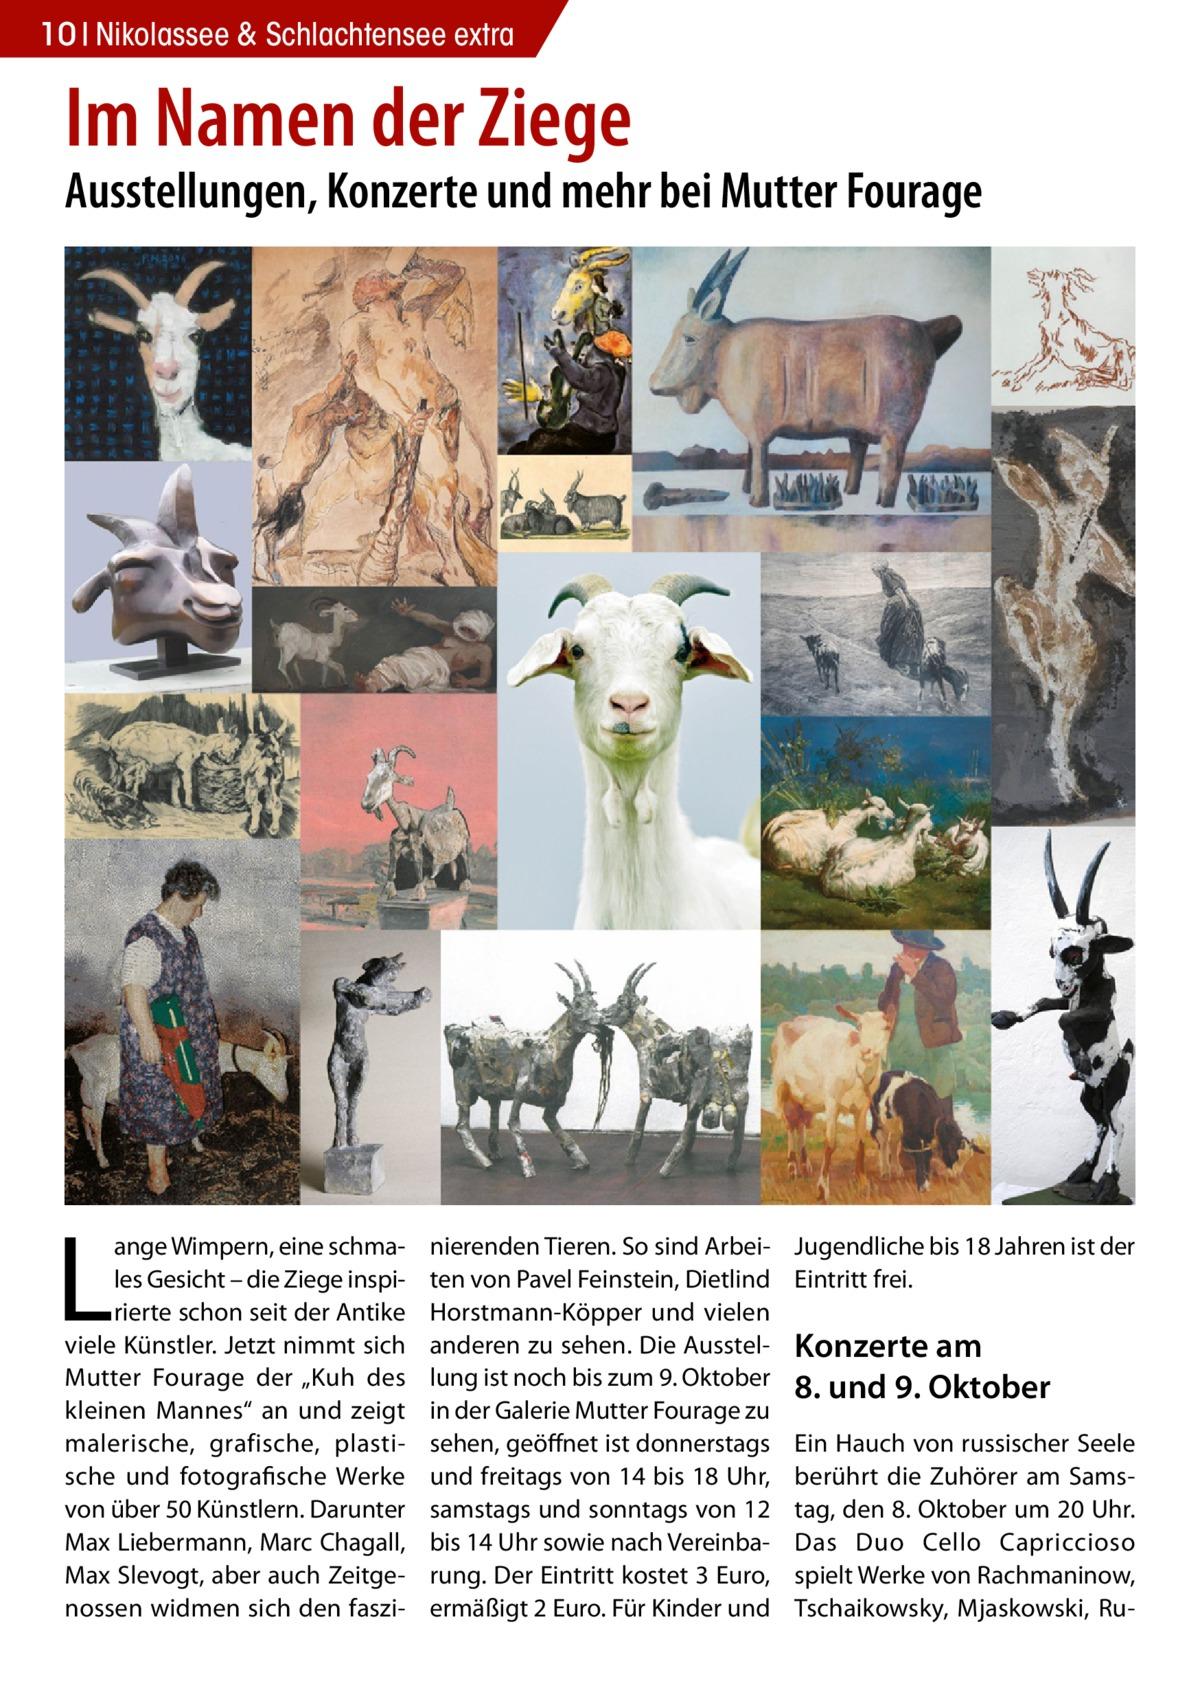 """10 Nikolassee & Schlachtensee extra  Im Namen der Ziege  Ausstellungen, Konzerte und mehr bei Mutter Fourage  L  ange Wimpern, eine schmales Gesicht – die Ziege inspirierte schon seit der Antike viele Künstler. Jetzt nimmt sich Mutter Fourage der """"Kuh des kleinen Mannes"""" an und zeigt malerische, grafische, plastische und fotografische Werke von über 50 Künstlern. Darunter Max Liebermann, Marc Chagall, Max Slevogt, aber auch Zeitgenossen widmen sich den faszi nierenden Tieren. So sind Arbeiten von Pavel Feinstein, Dietlind Horstmann-Köpper und vielen anderen zu sehen. Die Ausstellung ist noch bis zum 9.Oktober in der Galerie Mutter Fourage zu sehen, geöffnet ist donnerstags und freitags von 14 bis 18Uhr, samstags und sonntags von 12 bis 14Uhr sowie nach Vereinbarung. Der Eintritt kostet 3Euro, ermäßigt 2Euro. Für Kinder und  Jugendliche bis 18Jahren ist der Eintritt frei.  Konzerte am 8. und 9.Oktober Ein Hauch von russischer Seele berührt die Zuhörer am Samstag, den 8.Oktober um 20Uhr. Das Duo Cello Capriccioso spielt Werke von Rachmaninow, Tschaikowsky, Mjaskowski, R"""